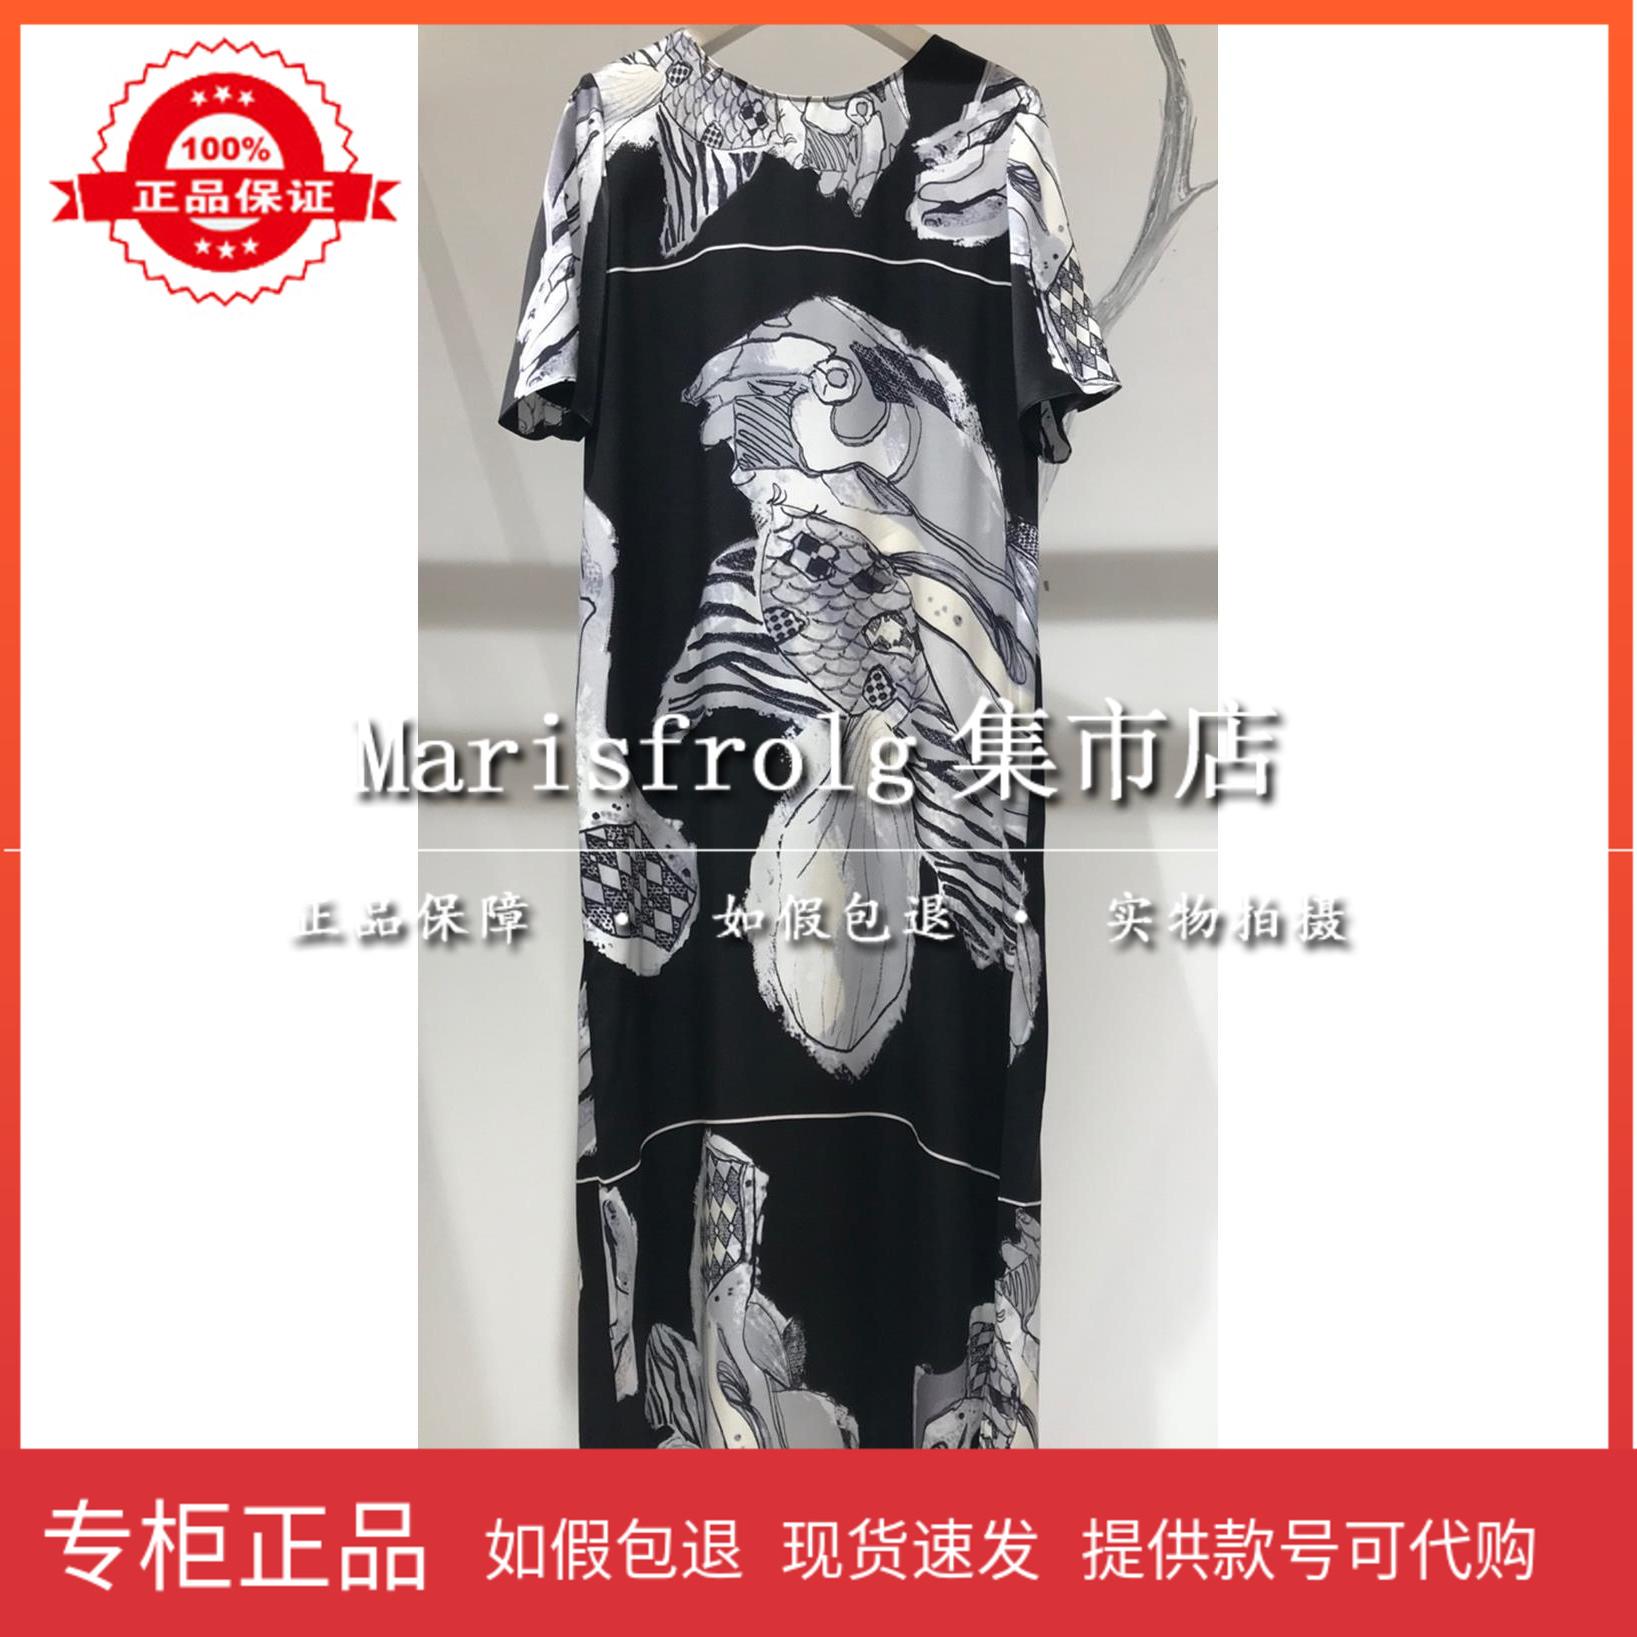 玛丝菲尔女装正品 国内代购 玛丝菲尔2020夏季新款专柜正品连衣裙女A1JS27636原4280_推荐淘宝好看的玛丝菲尔正品